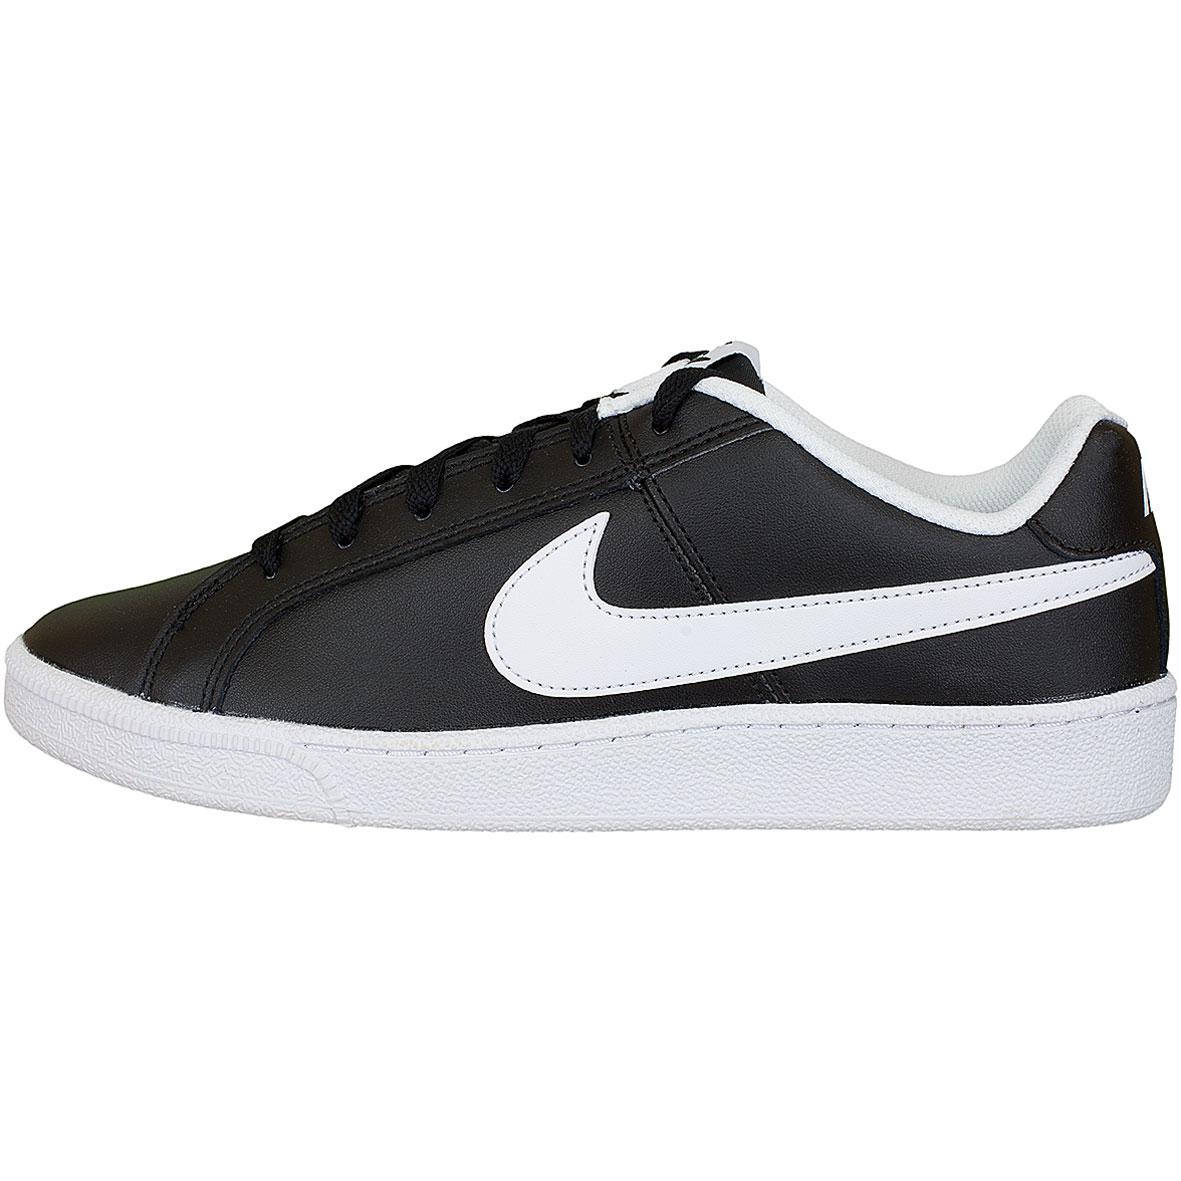 Nike Court Royale Schwarz-Weiss Kaufen Online-Shop